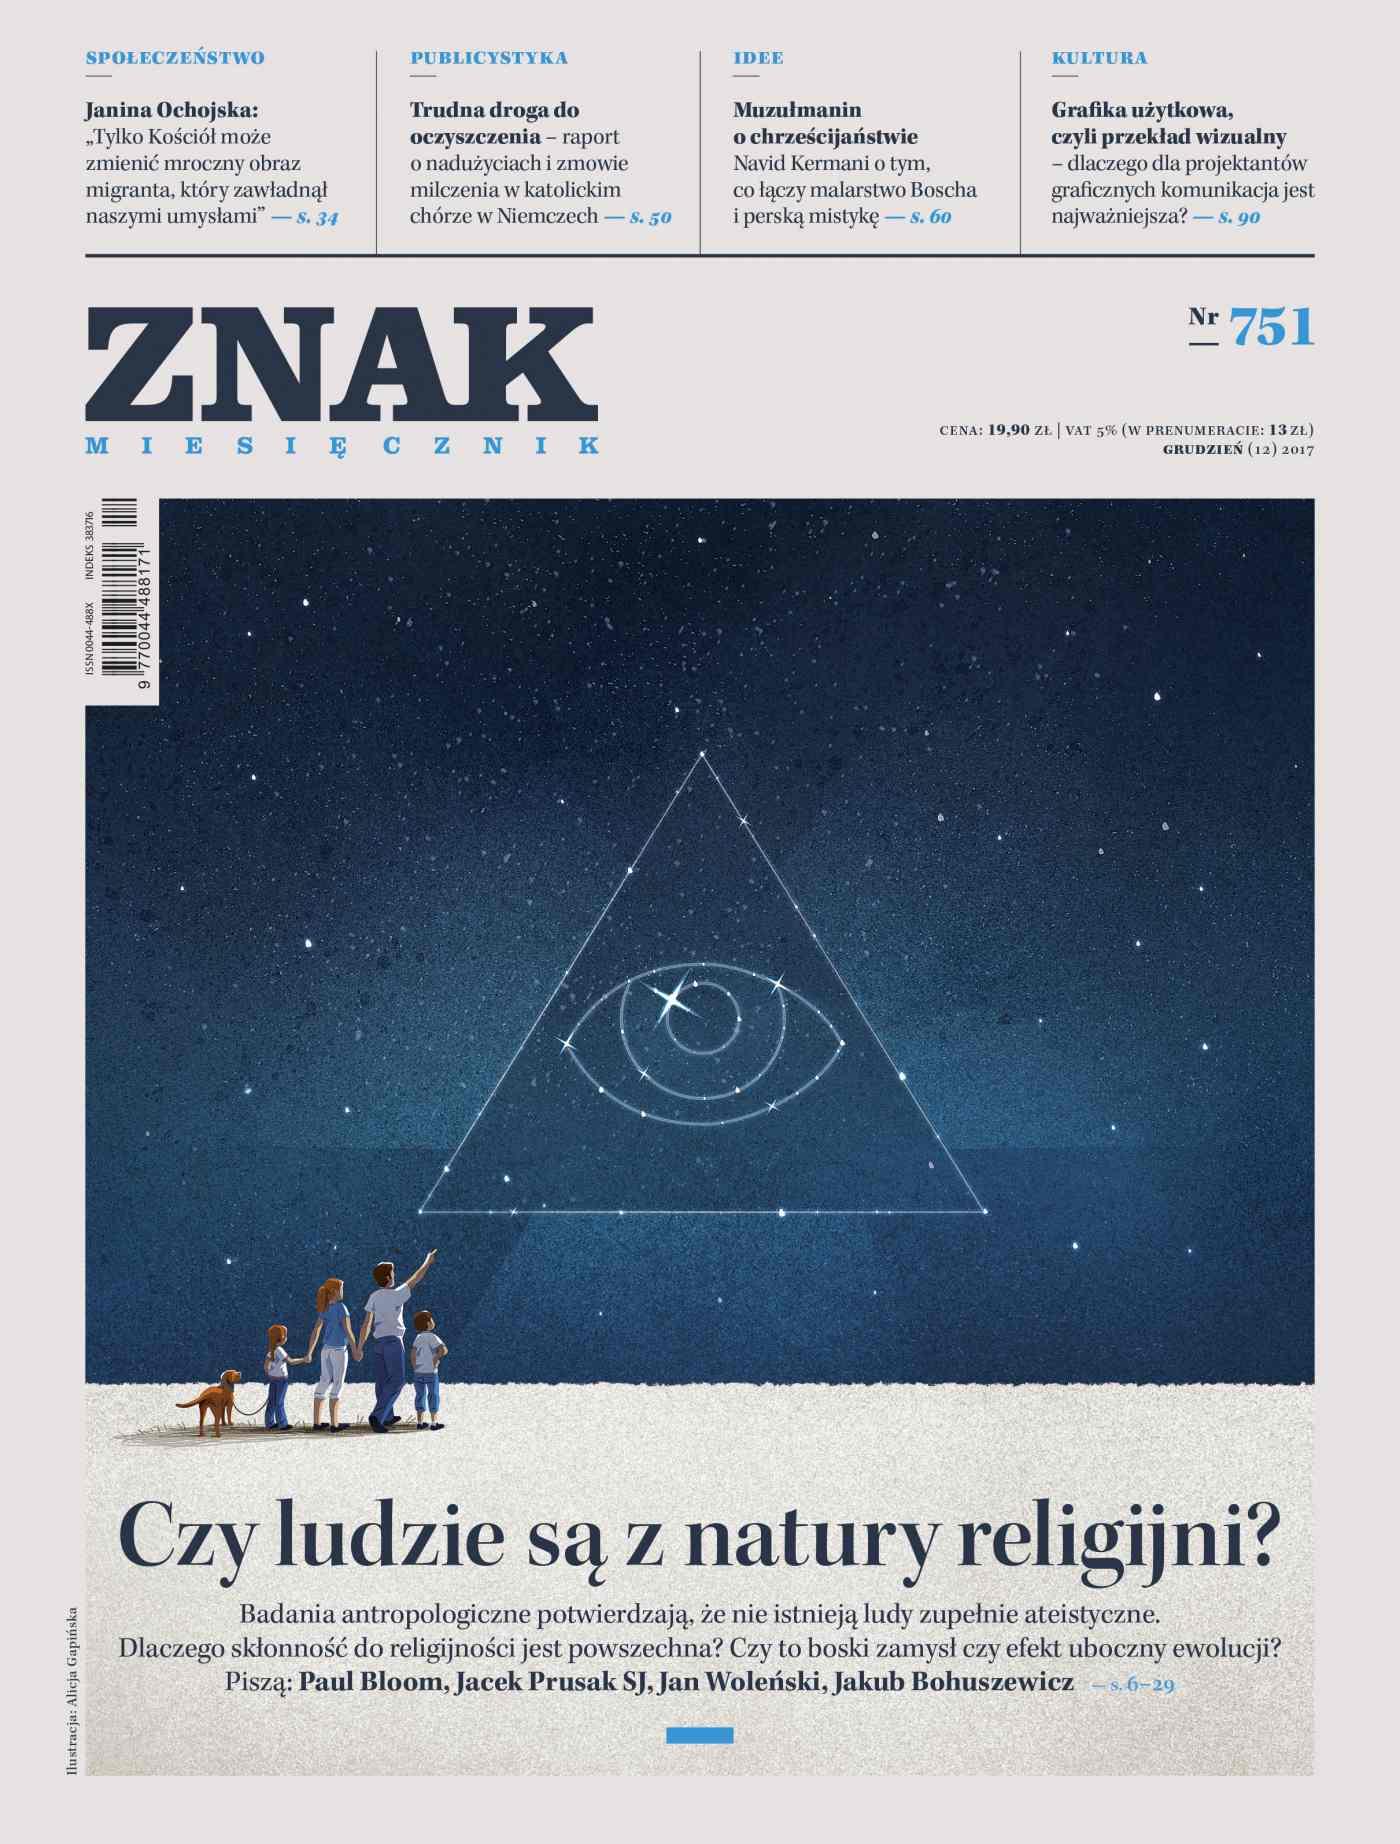 Miesięcznik ZNAK nr 751: Czy ludzie są z natury religijni? - Ebook (Książka PDF) do pobrania w formacie PDF